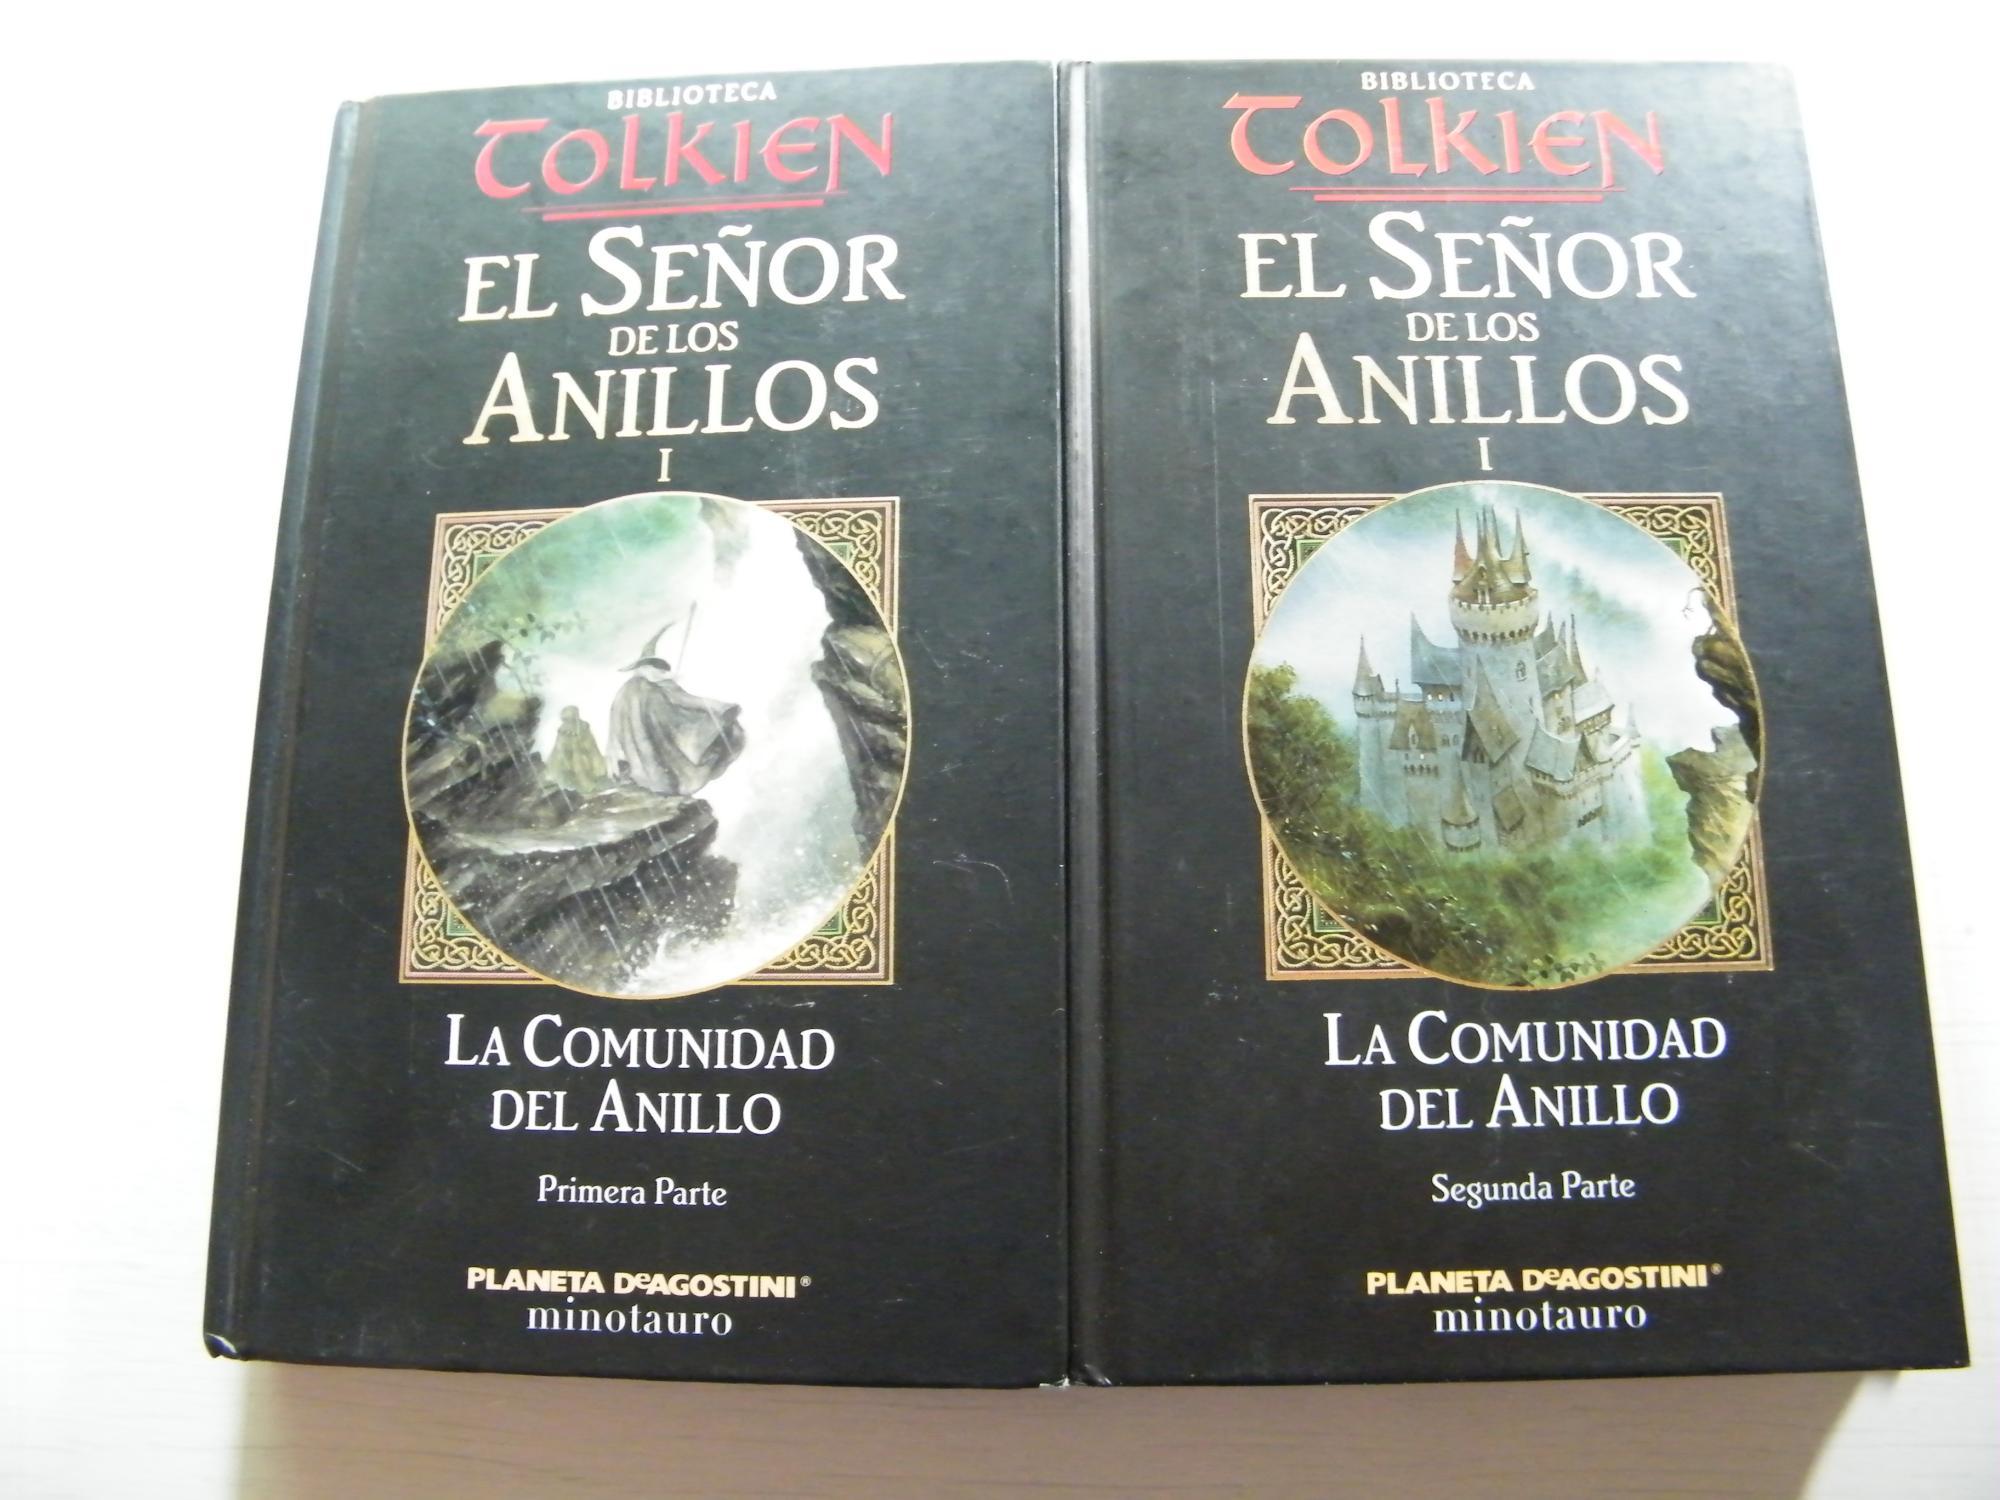 La comunidad del Anillo: J. R. R. Tolkien.